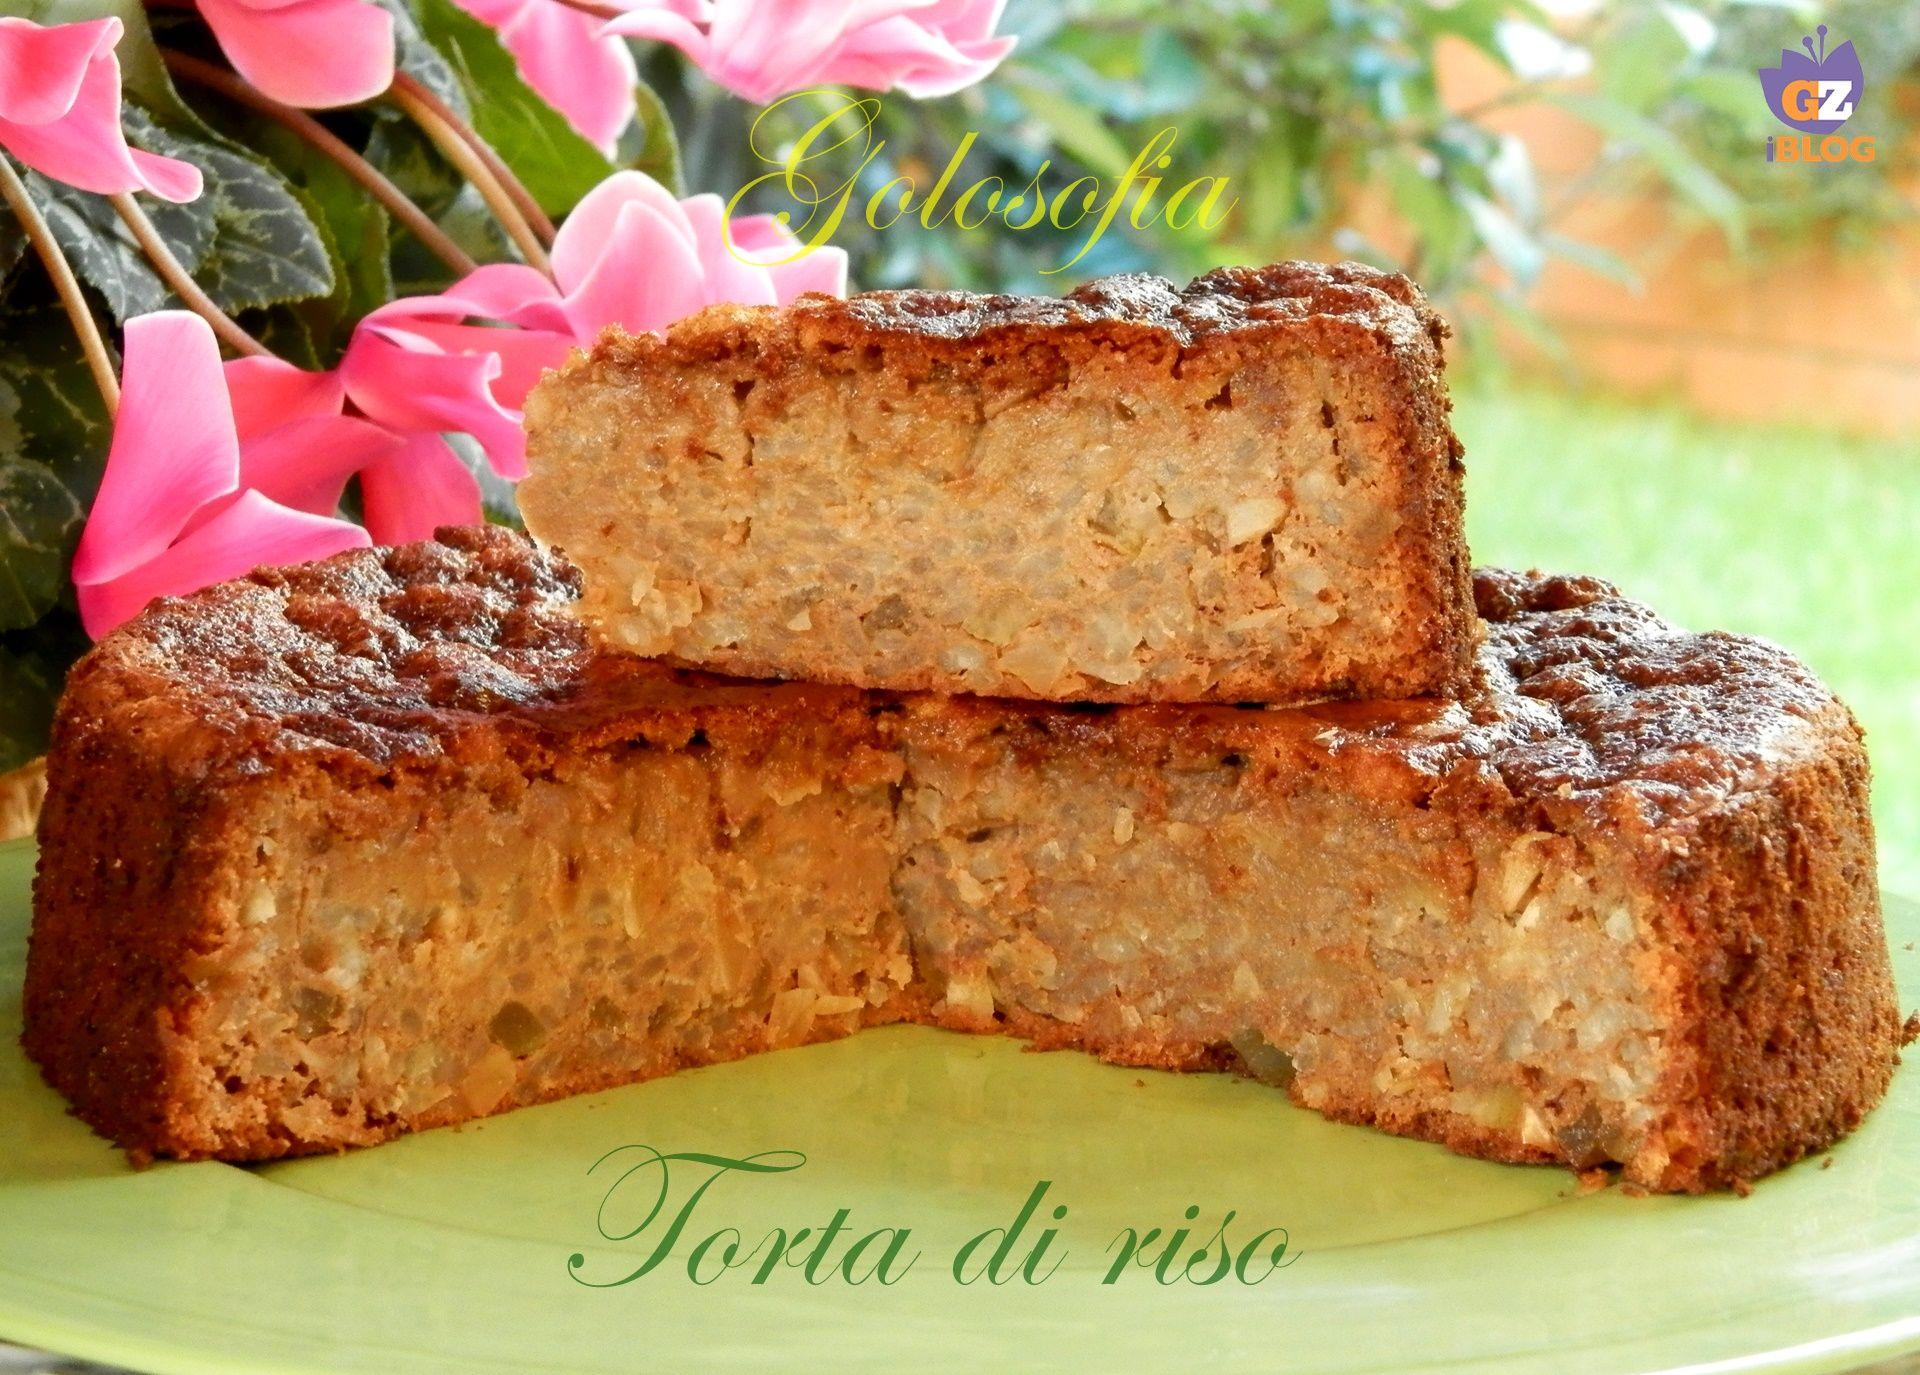 Torta di riso, tipico dolce della tradizione emiliana, in particolare di Bologna. Un dolce ricco a base di riso cotto e tanti ingredienti golosi!